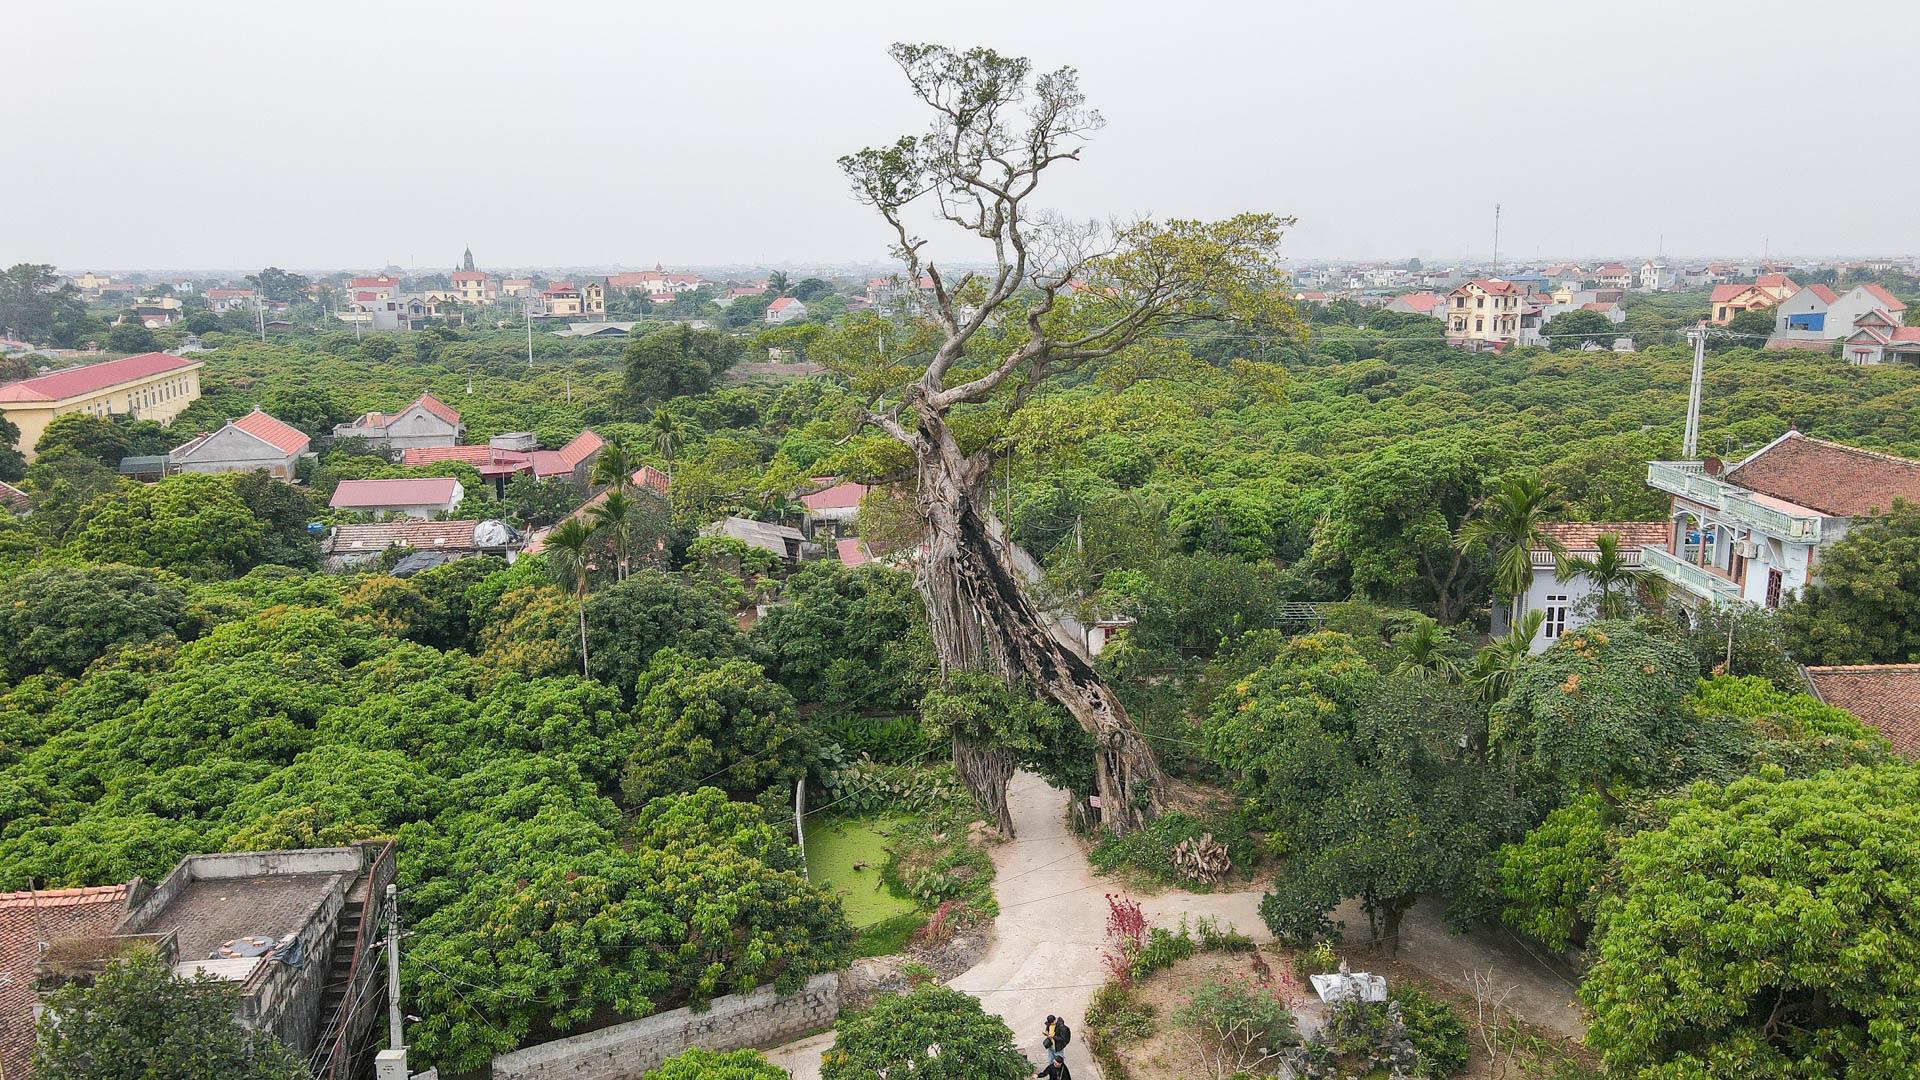 """Cây đa 500 tuổi có bộ rễ khủng tạo thành cổng làng """"độc"""" nhất ở Hưng Yên - Ảnh 2."""